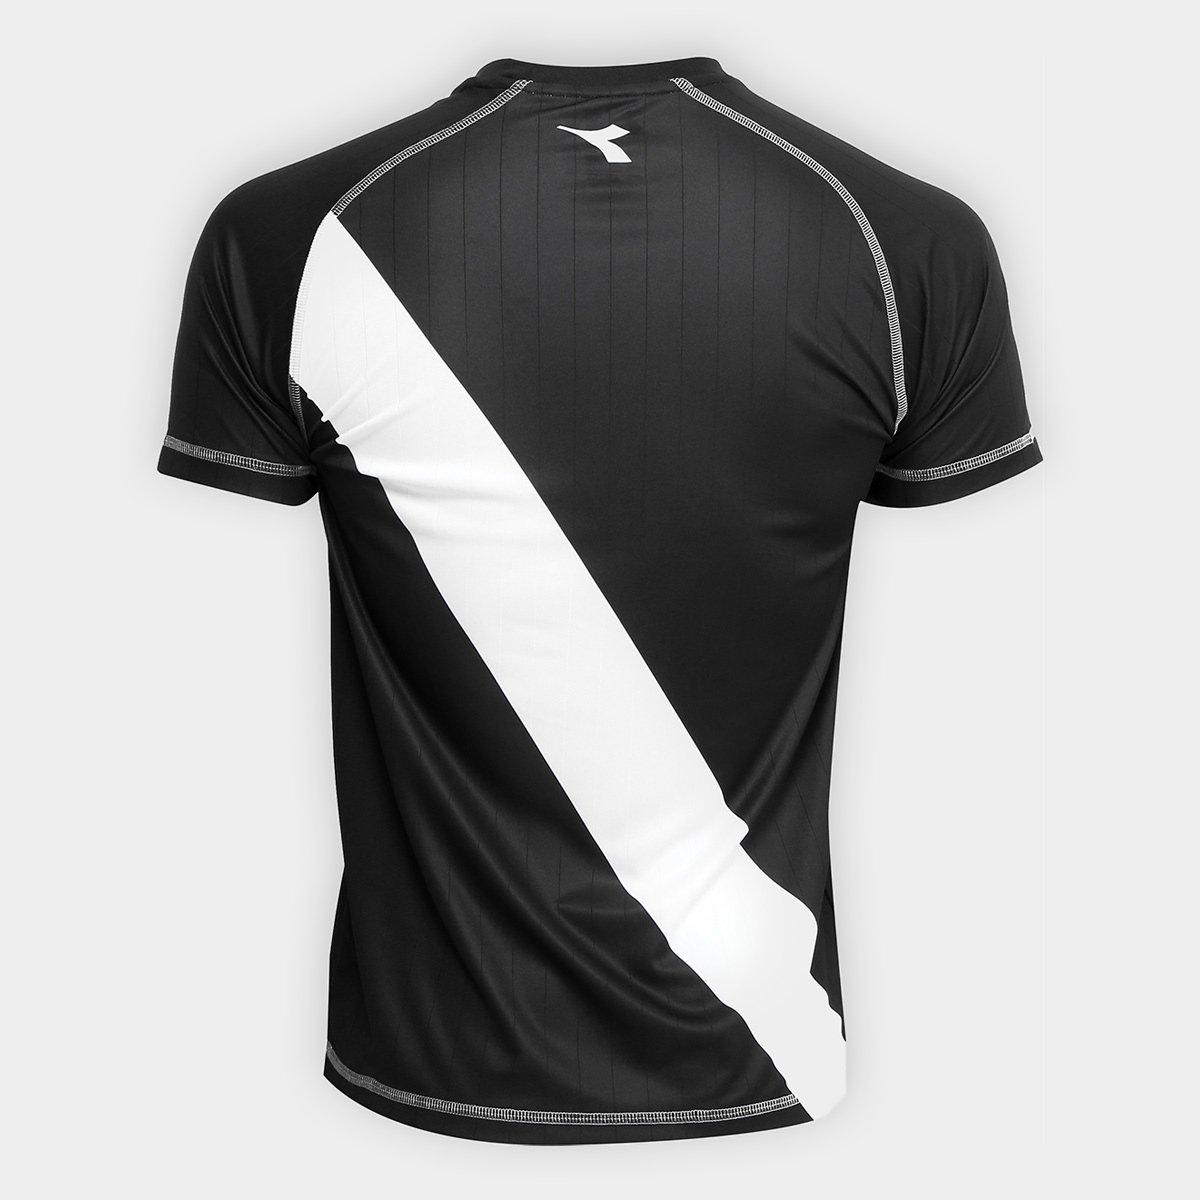 ... Camisa Vasco Transição I 2018 s nº Torcedor Diadora Masculina ... b3976cd33d4e0